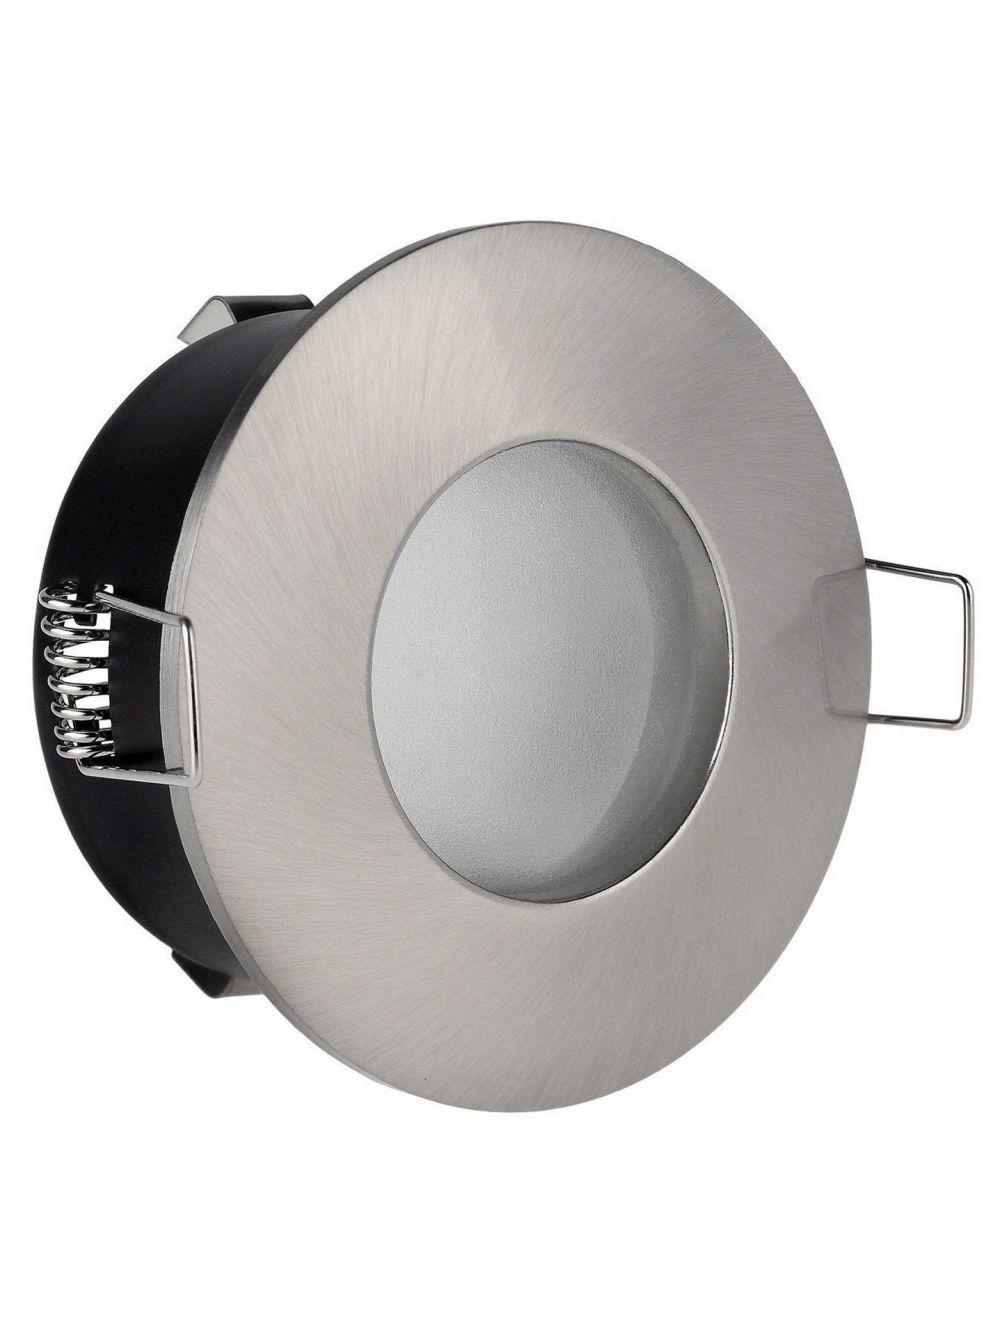 Fixation Spot Salle De Bain Etanche Chrome Pour Ampoule Halogene